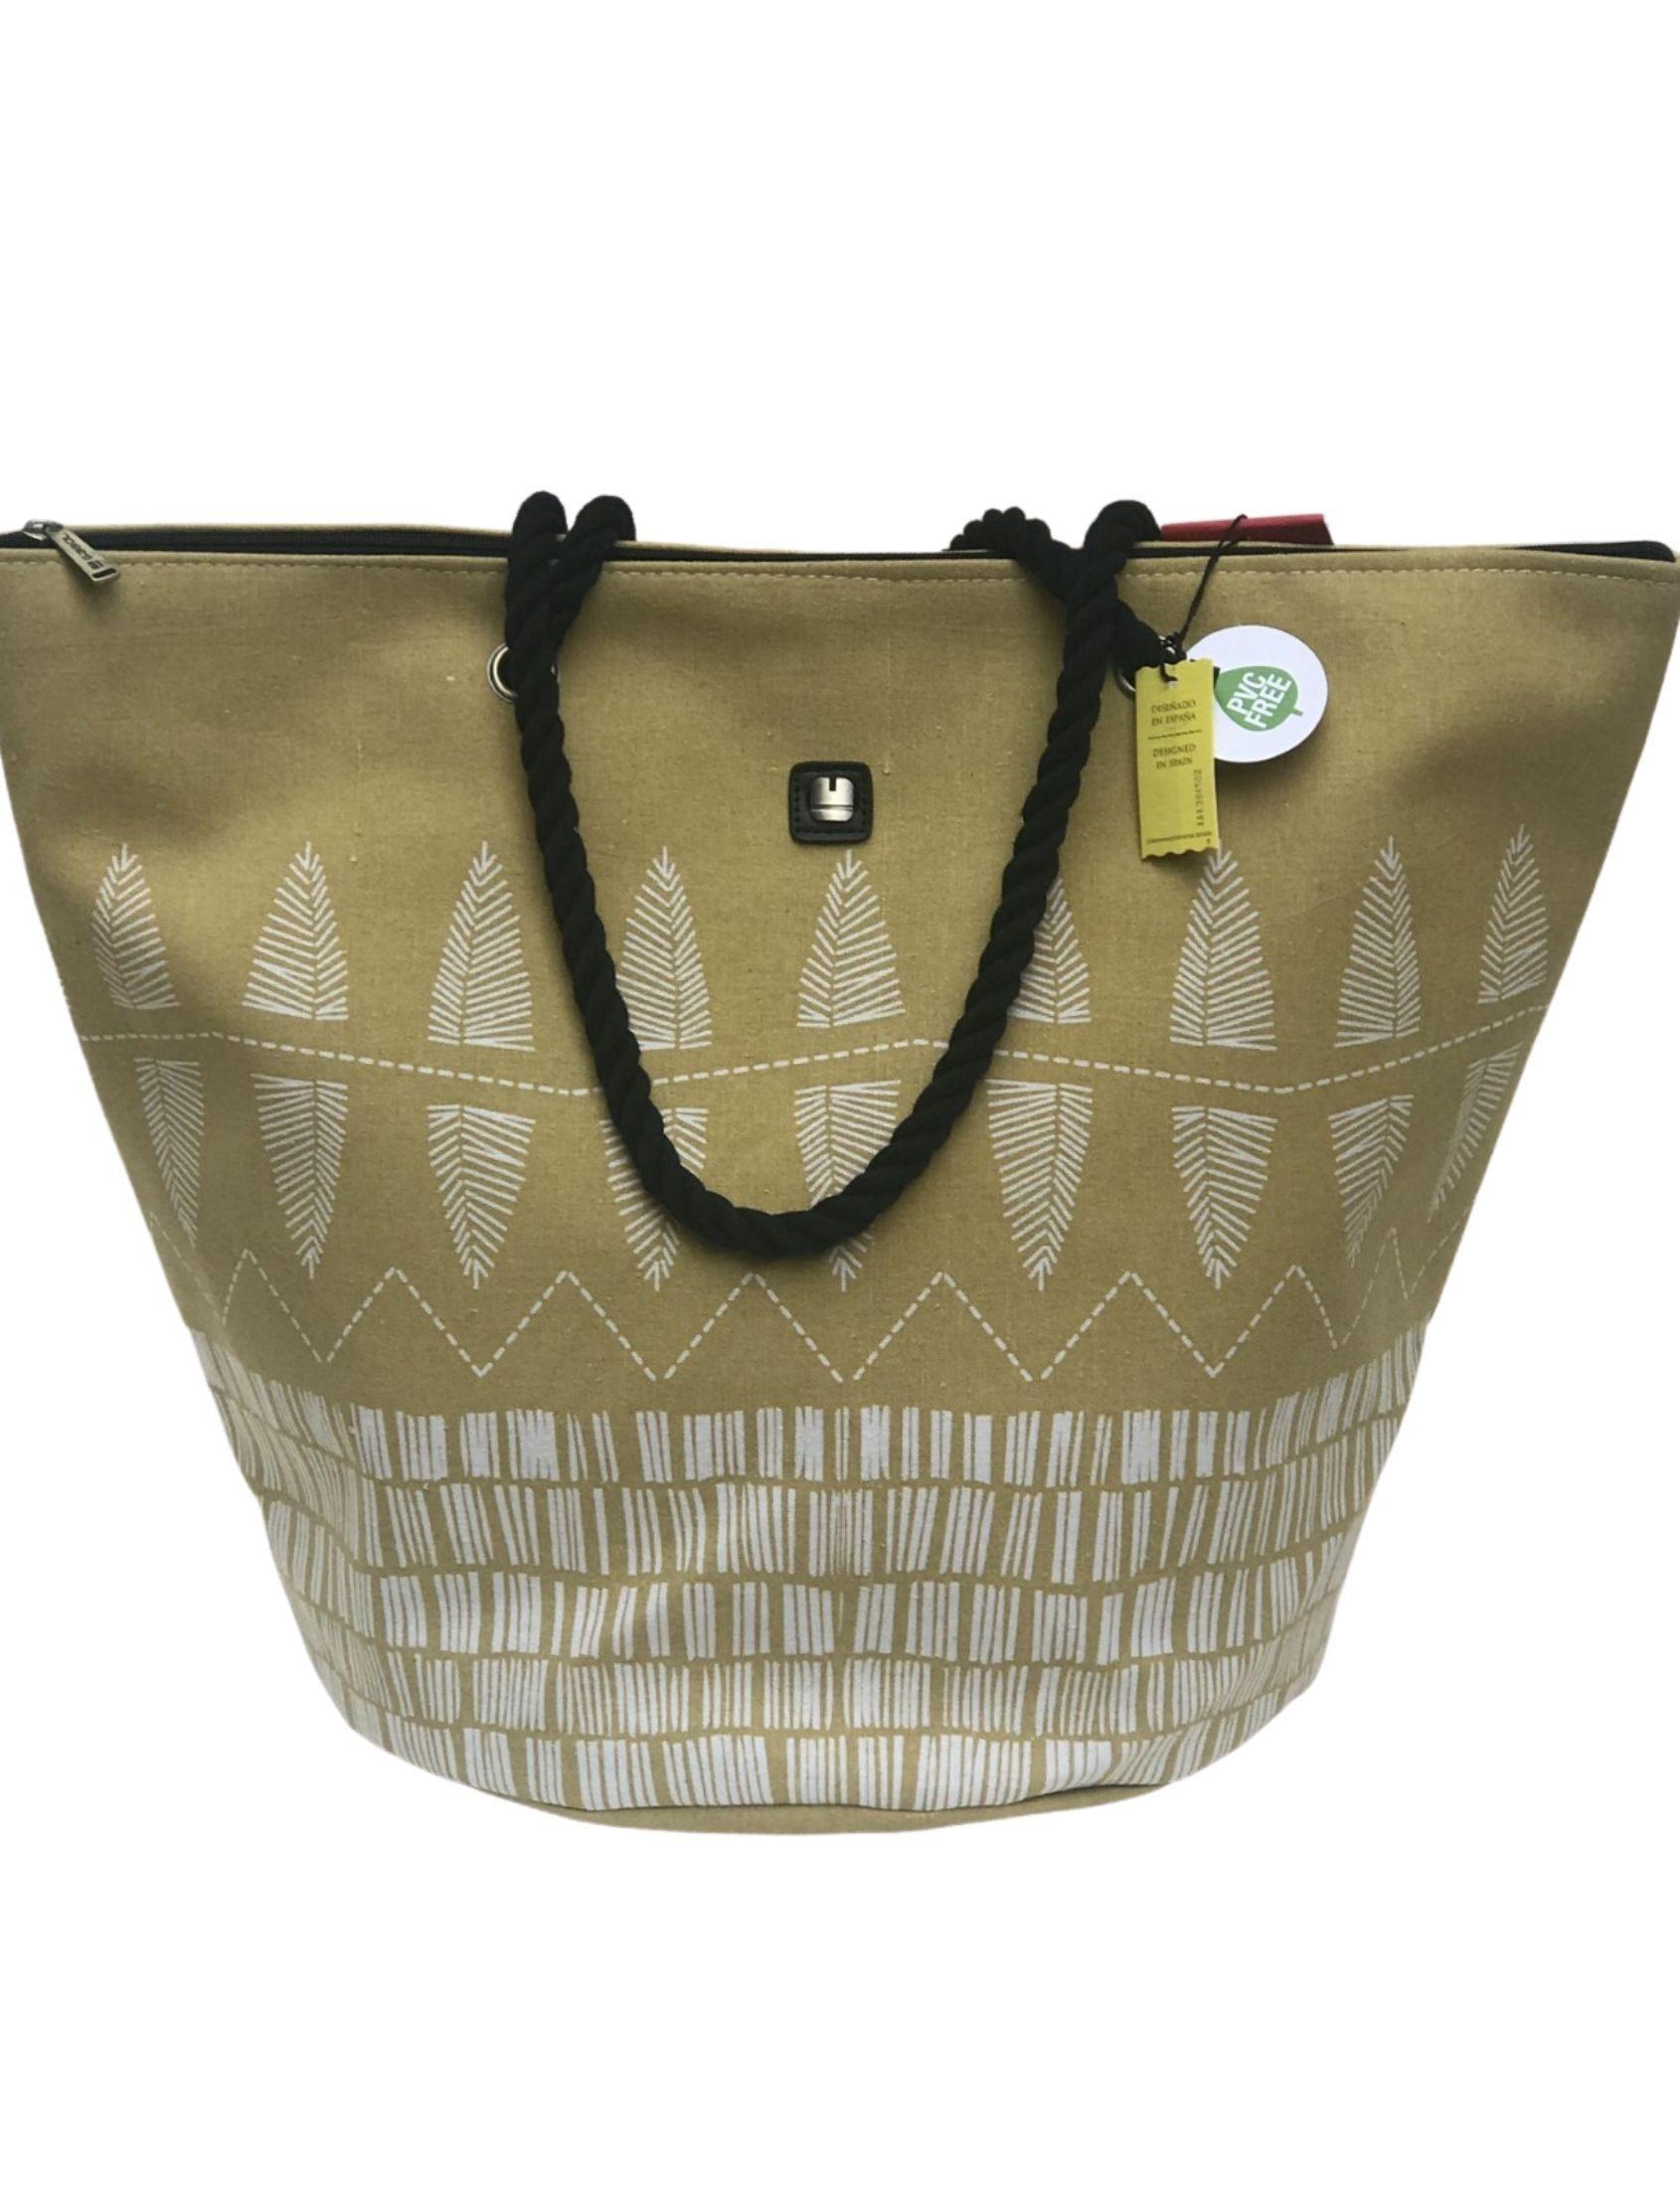 Bolsa de playa con tejido de algodón en color mostaza y estampado azteca en blanco